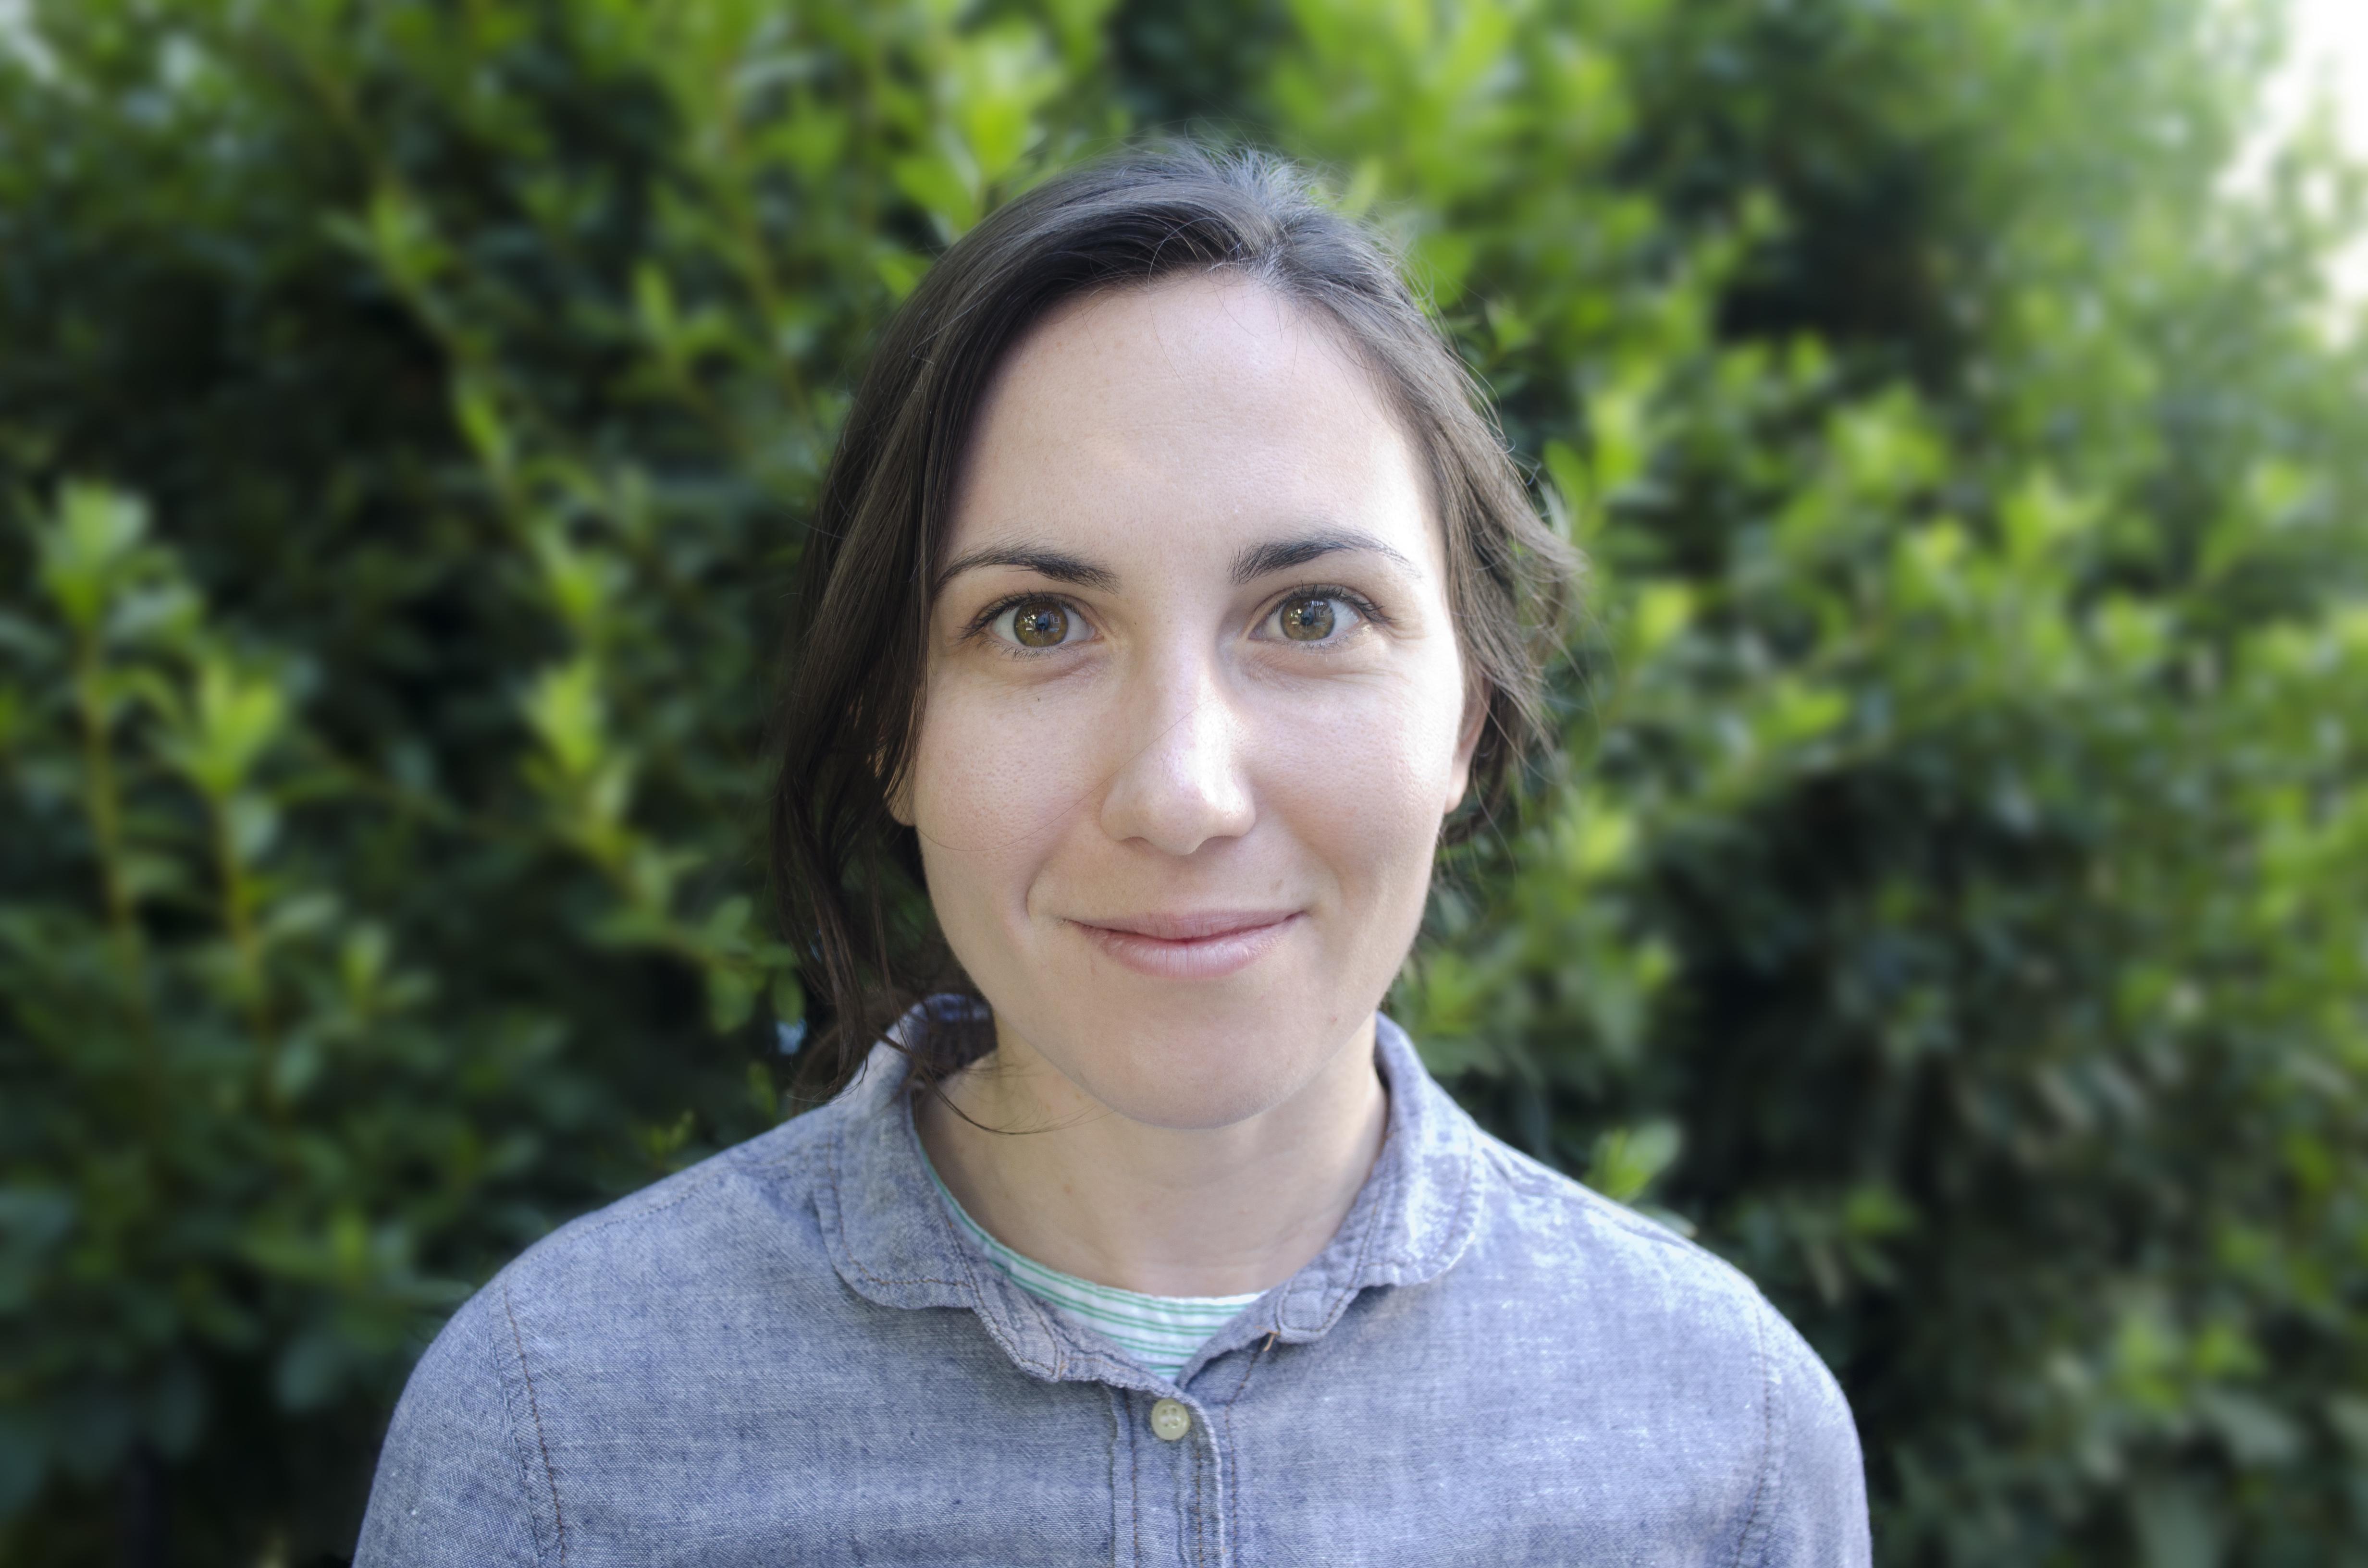 Sarah Keeling